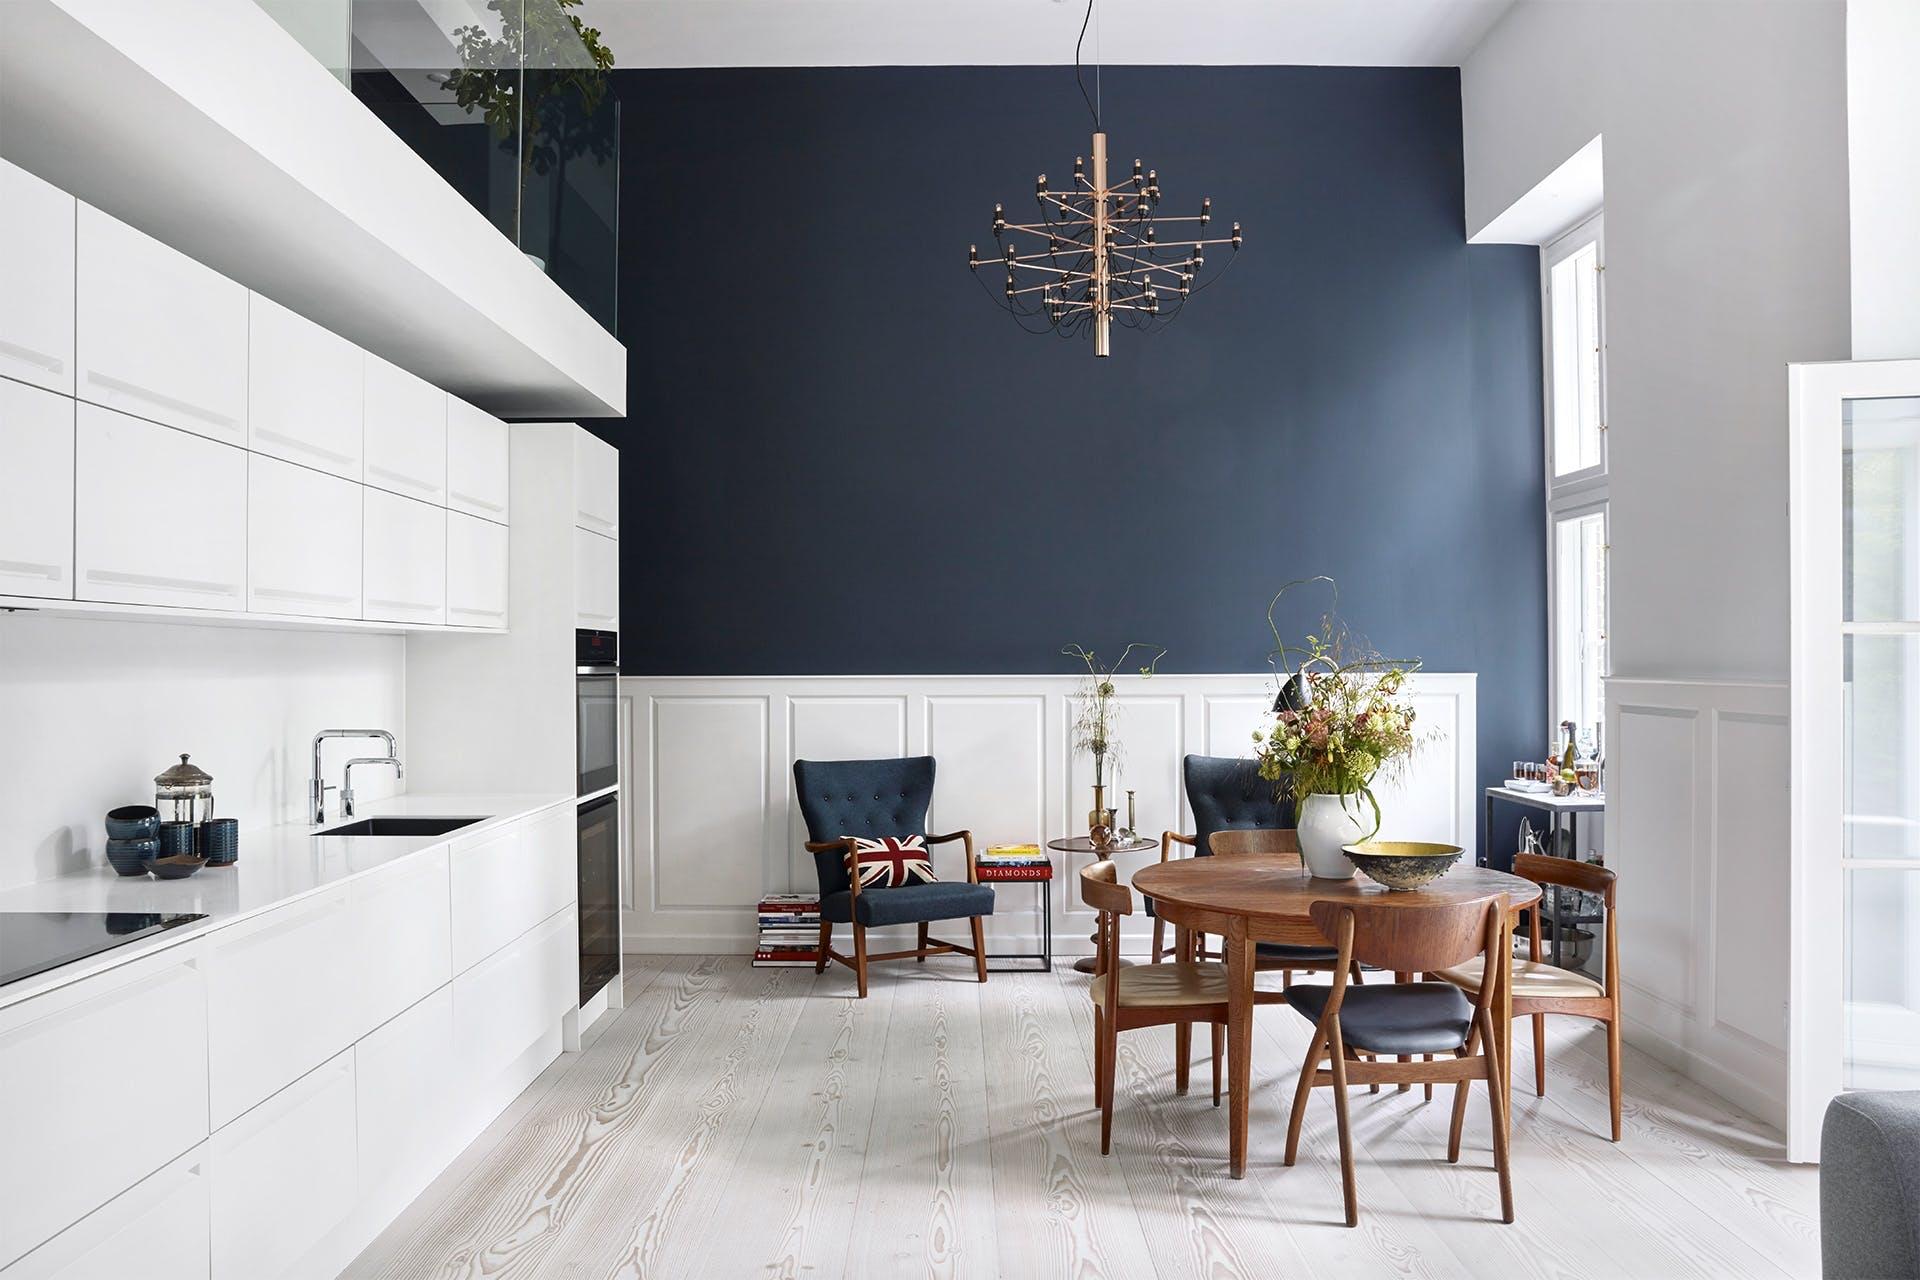 køkken alrum indretning Se en oase af et køkken – med fine atypiske løsninger | bobedre.dk køkken alrum indretning